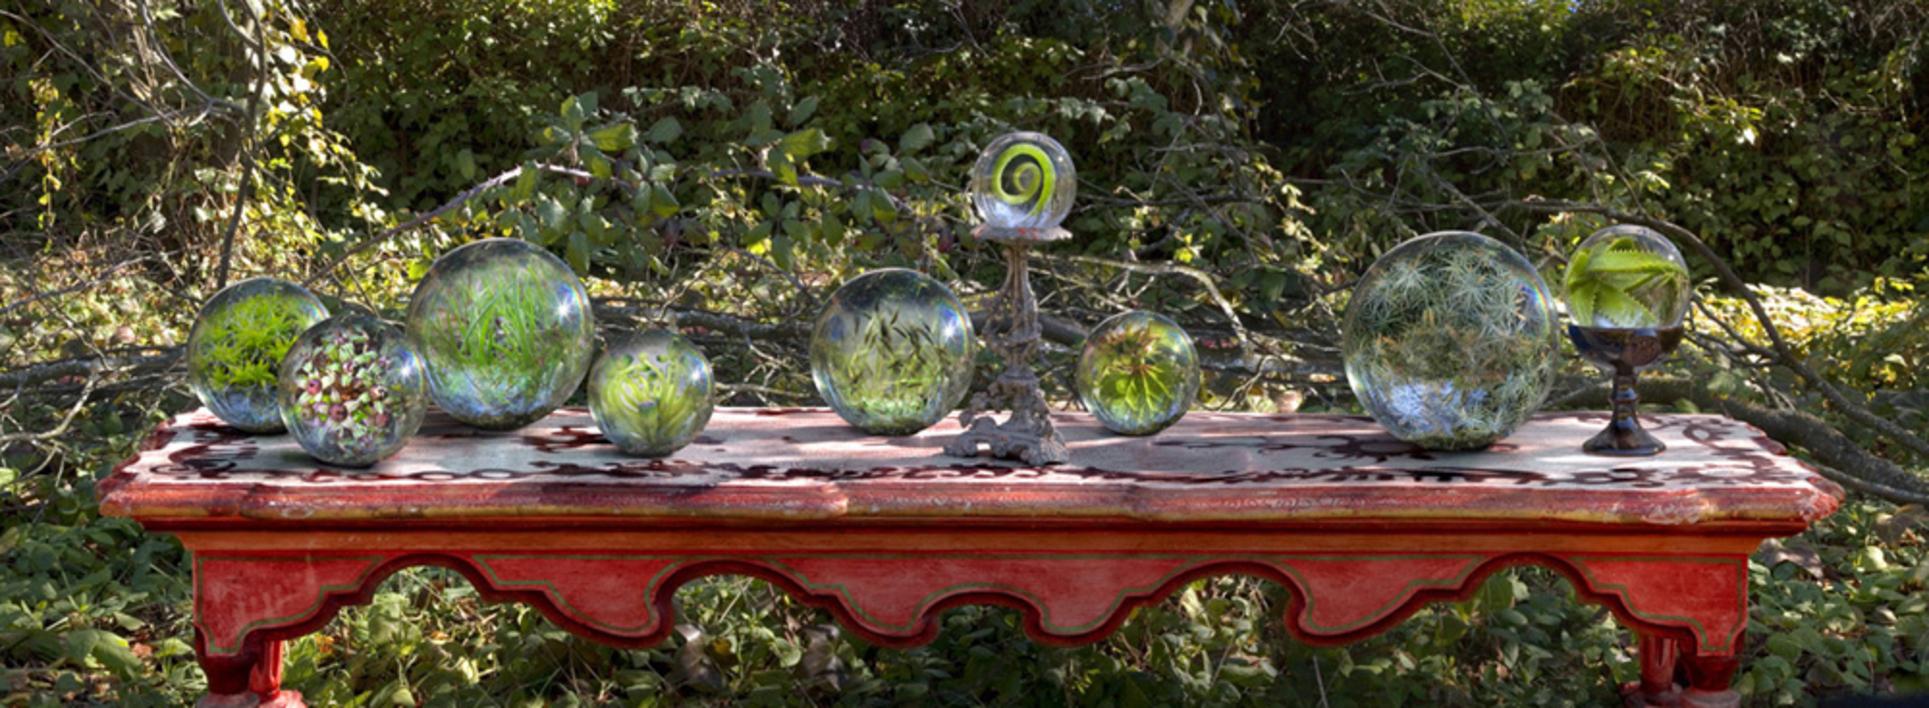 Jardín |Fotografía de Leticia Felgueroso | Compra arte en Flecha.es